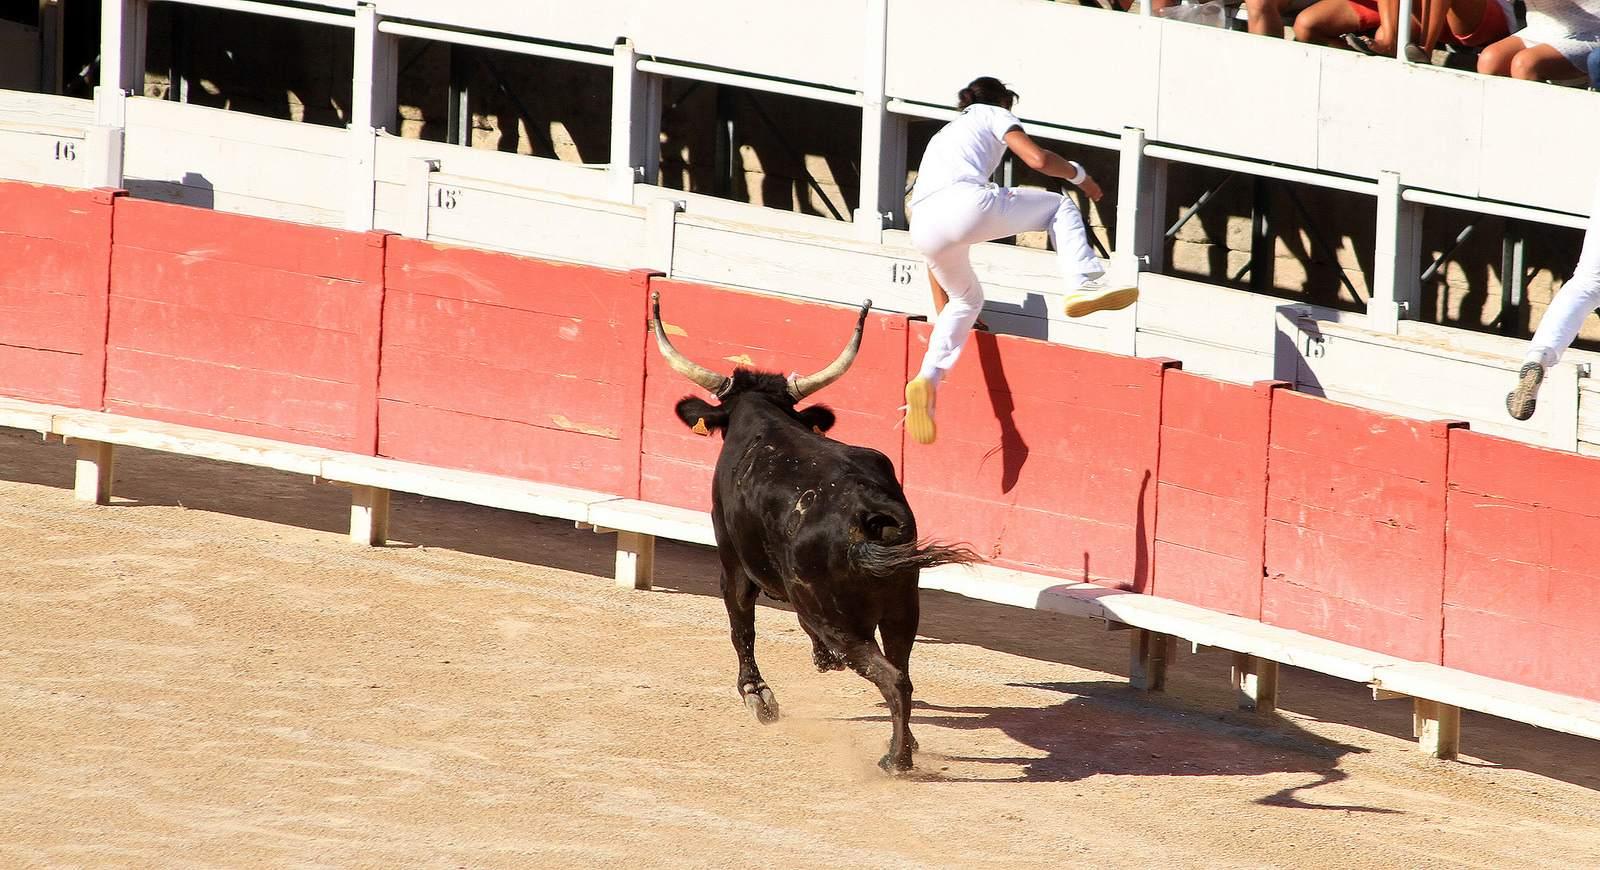 arles4 Bull Fighting in Arles Arena